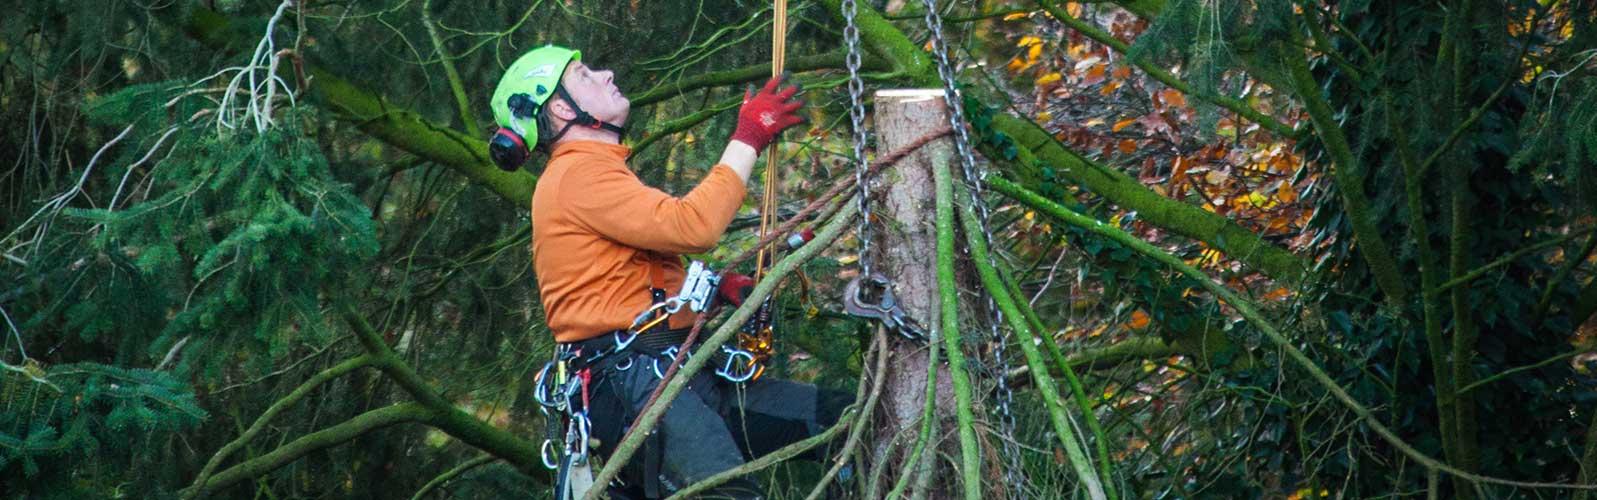 Maschinenring Starnberg Baumpflege